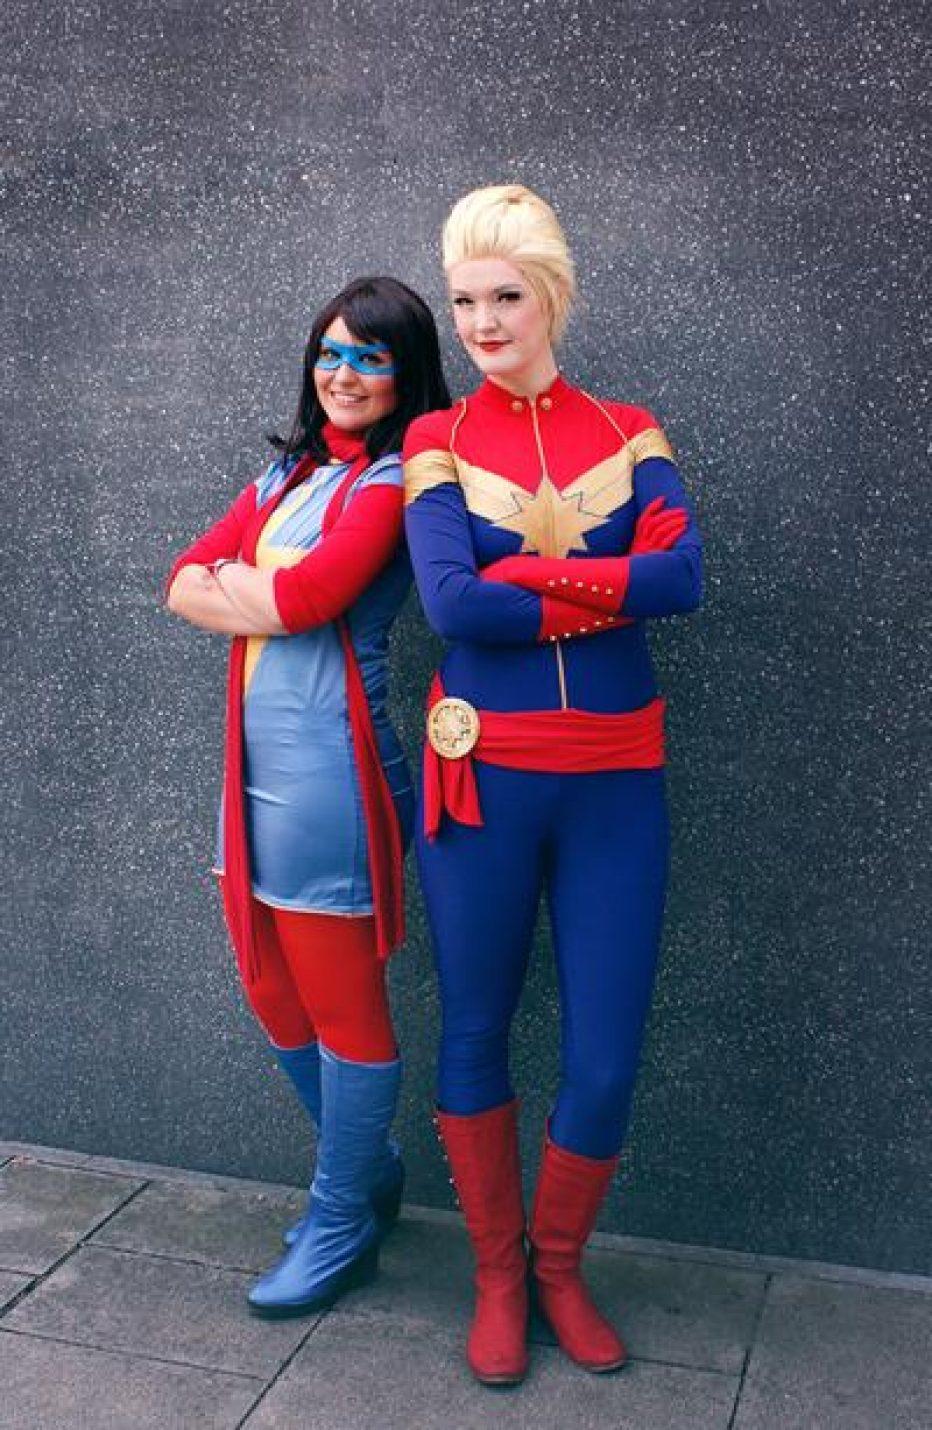 Ms.-Marvel-Cosplay-Gamers-Heroes-1.jpg